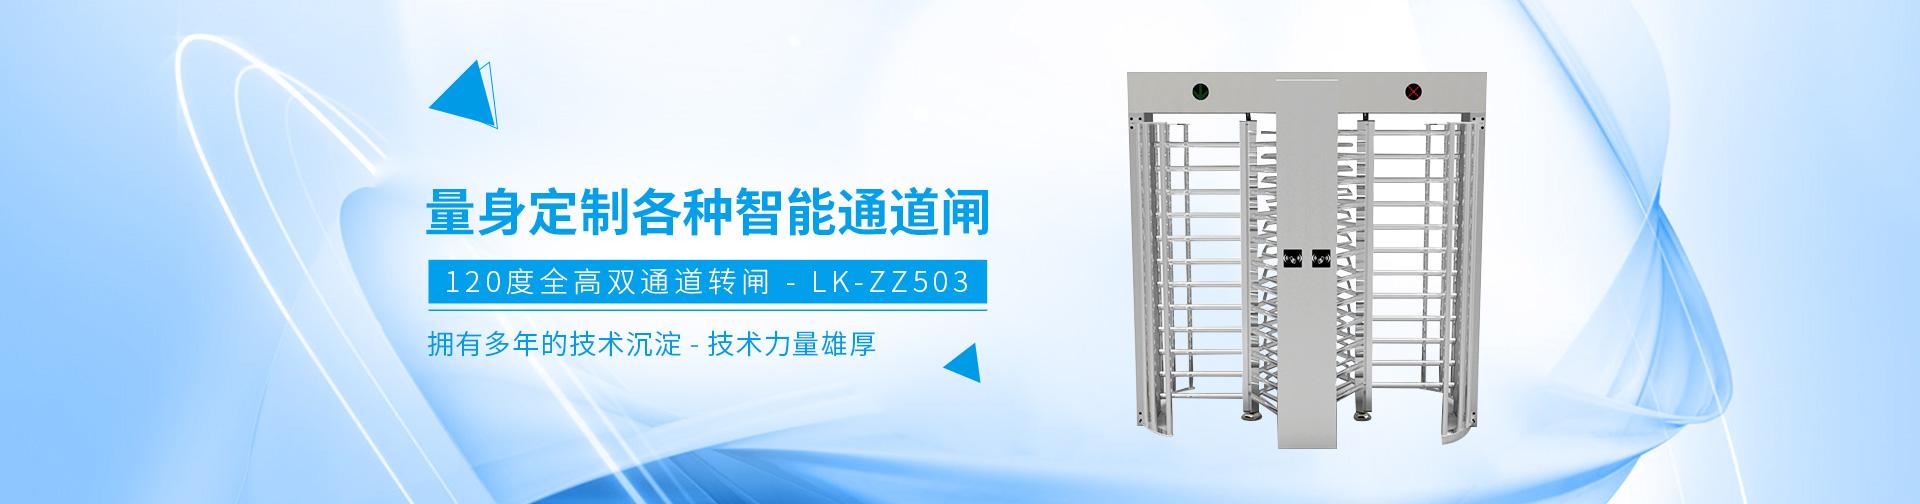 深圳市AG8国际智能有限公司